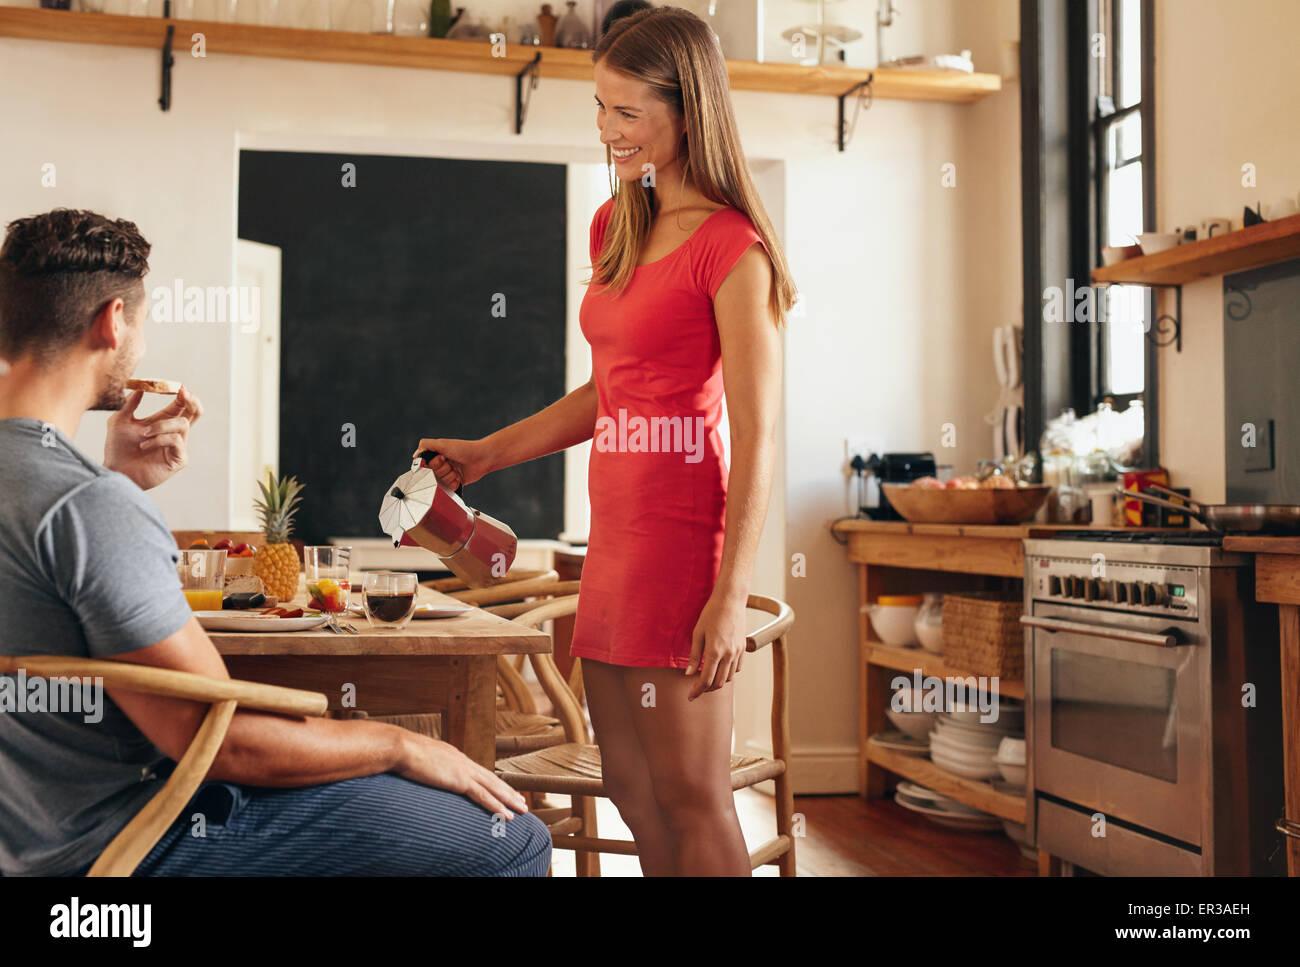 Innenaufnahme des Paares mit Frühstück im heimischen Küche. Junge Frau stehen und servieren von Kaffee Stockbild